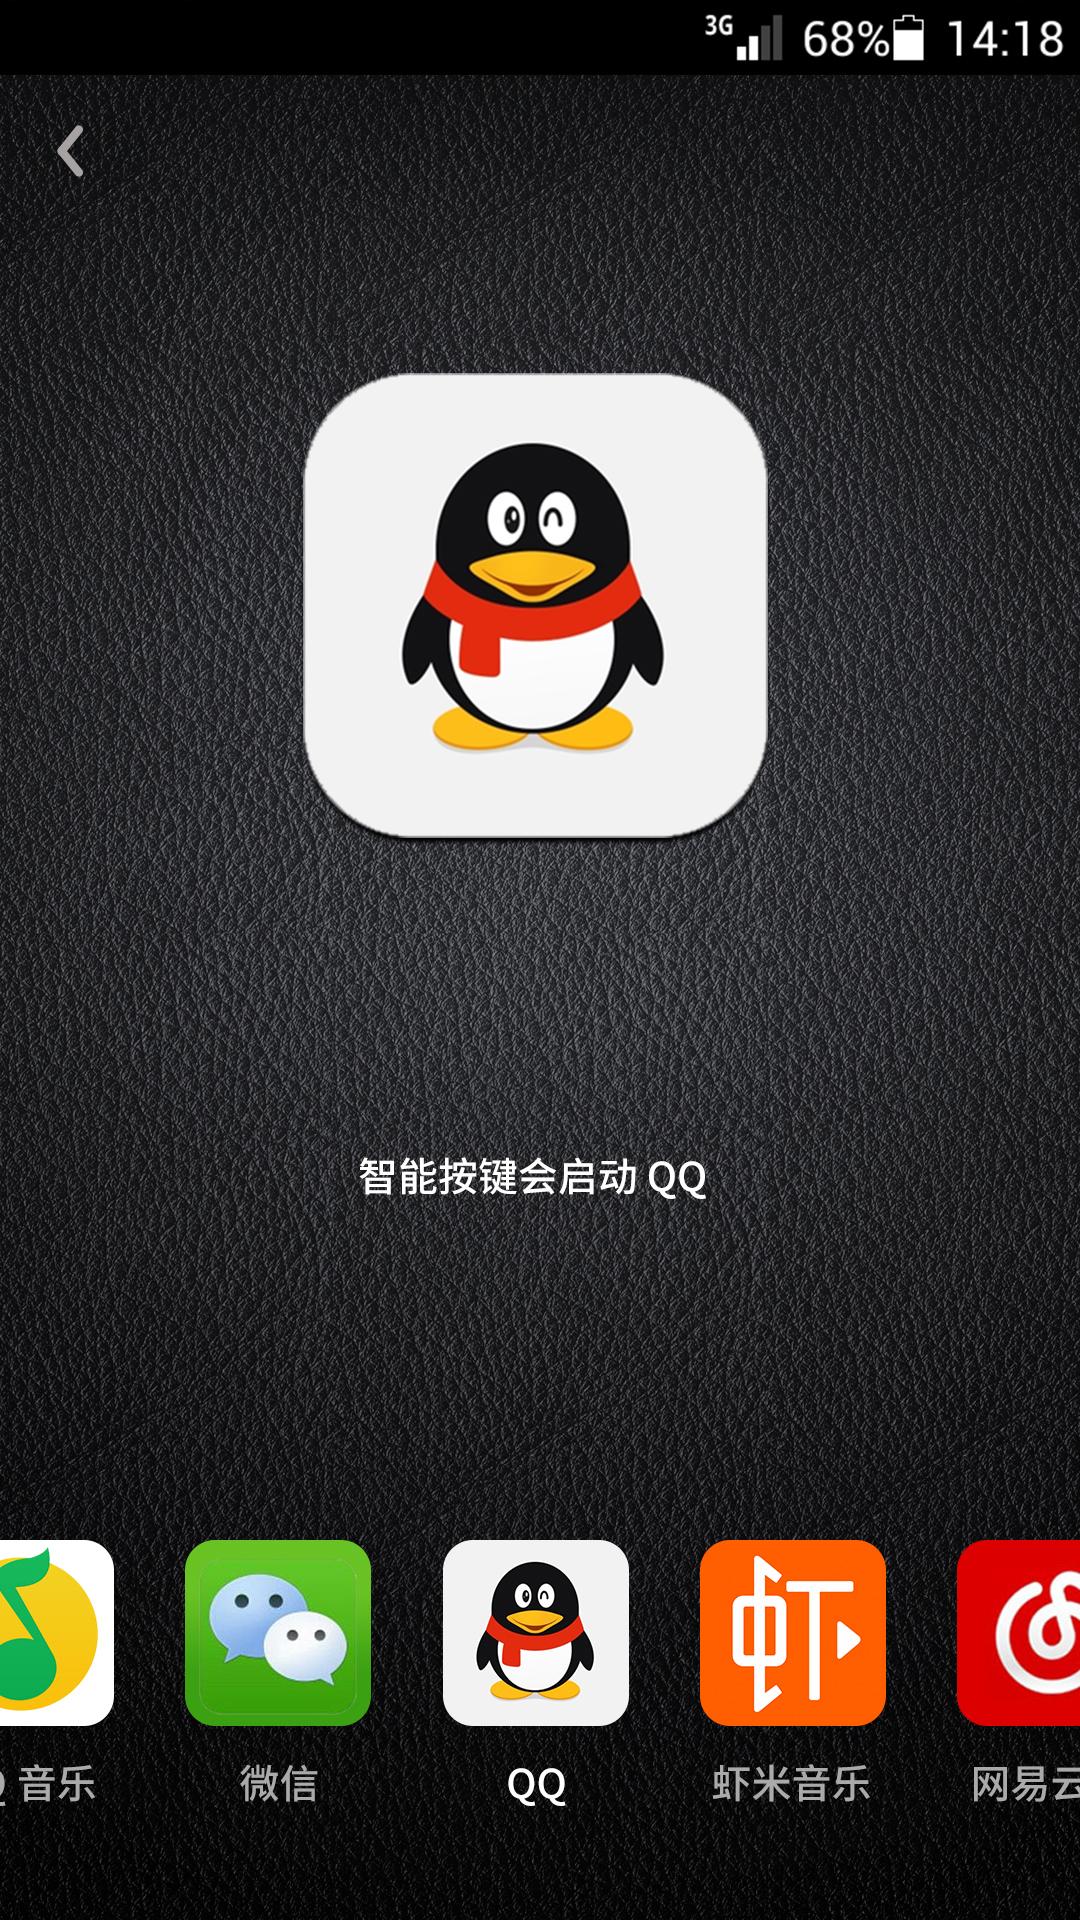 万魔助手 V1.6.8 安卓版截图4